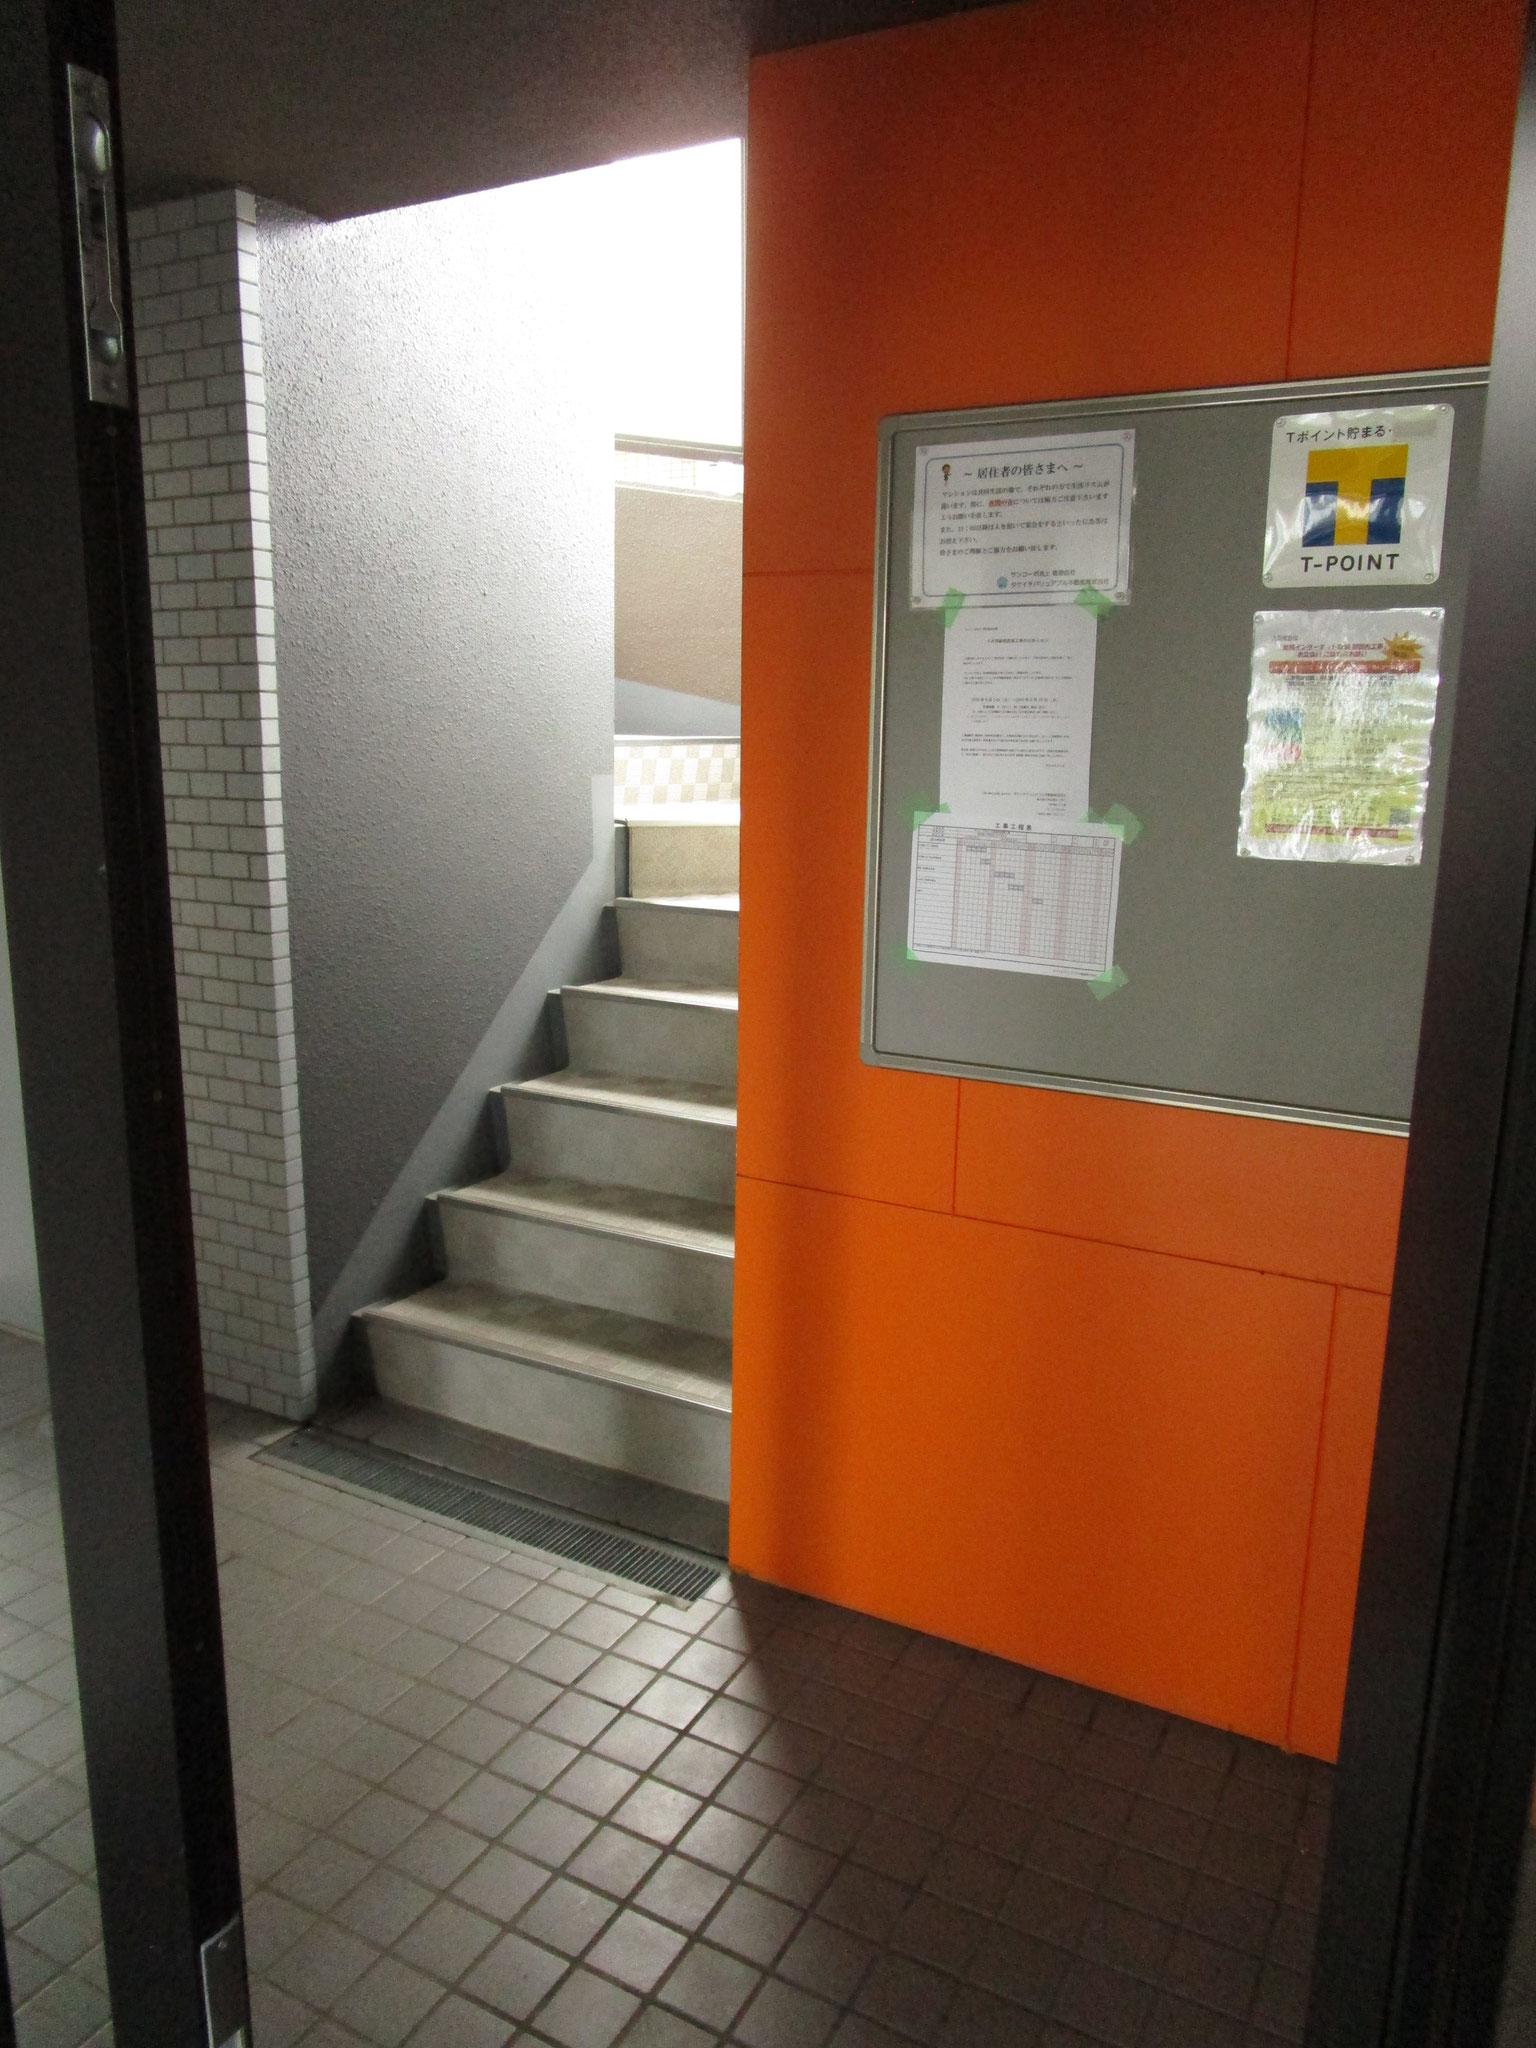 その奥の扉の向こうは、掲示板と階段